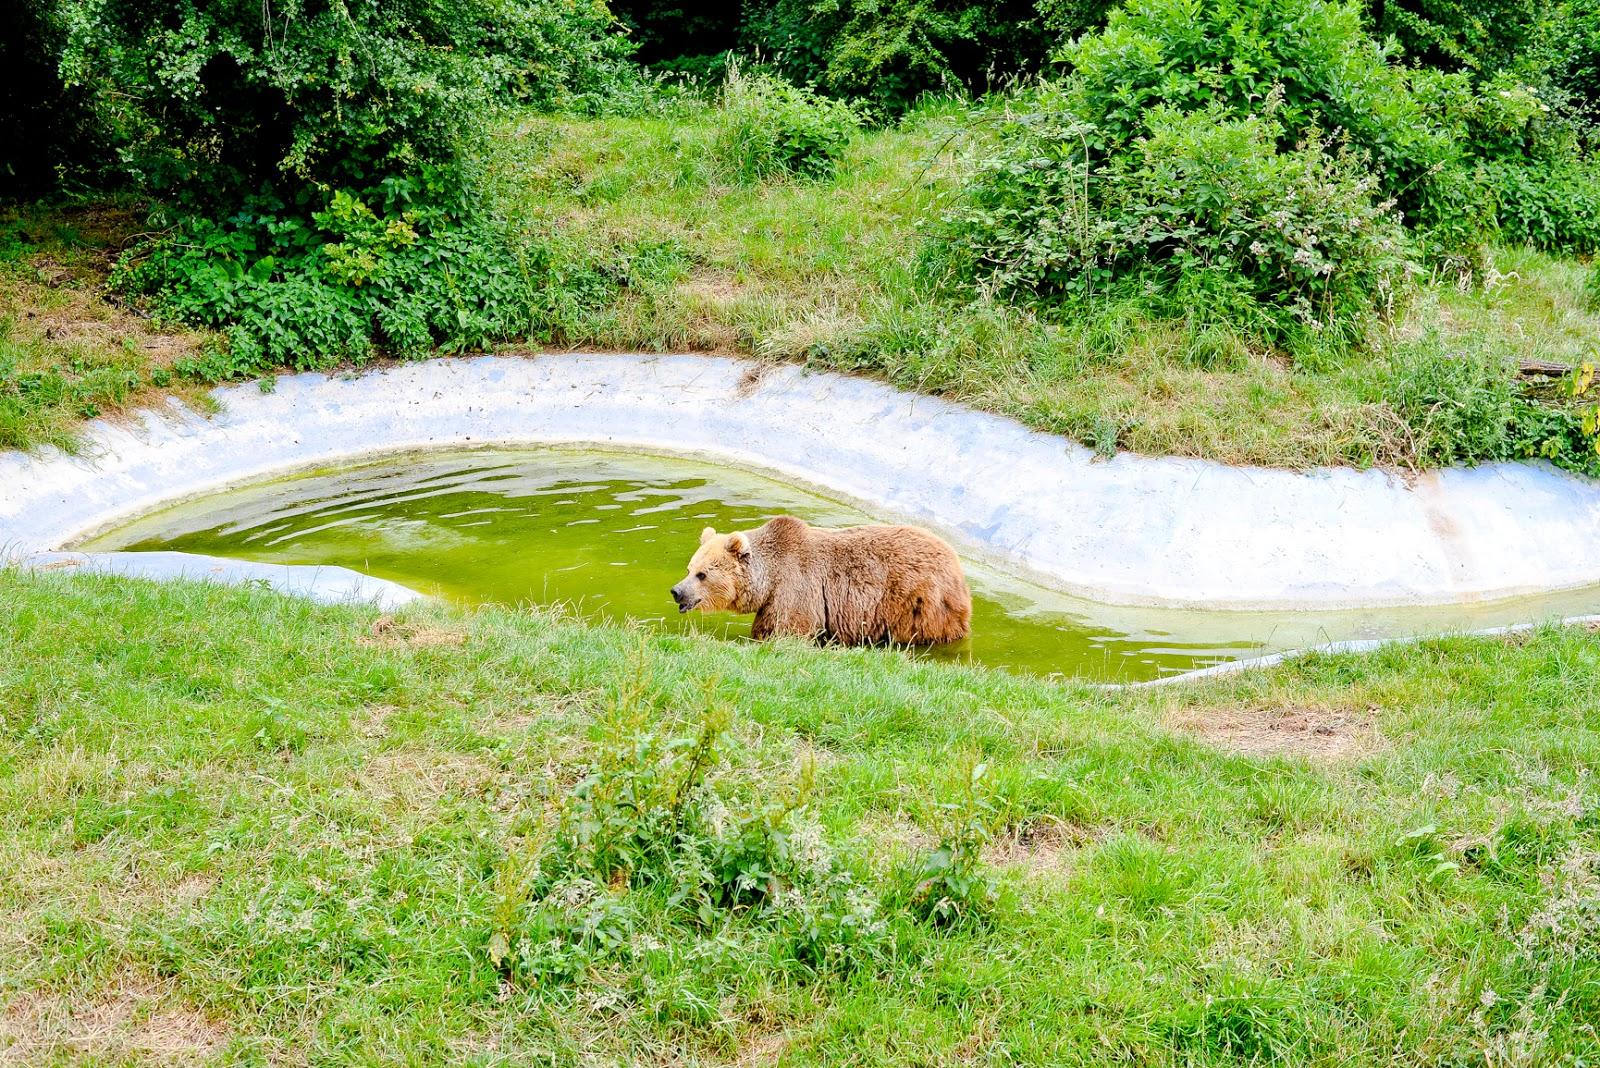 whipsnade zoo bears